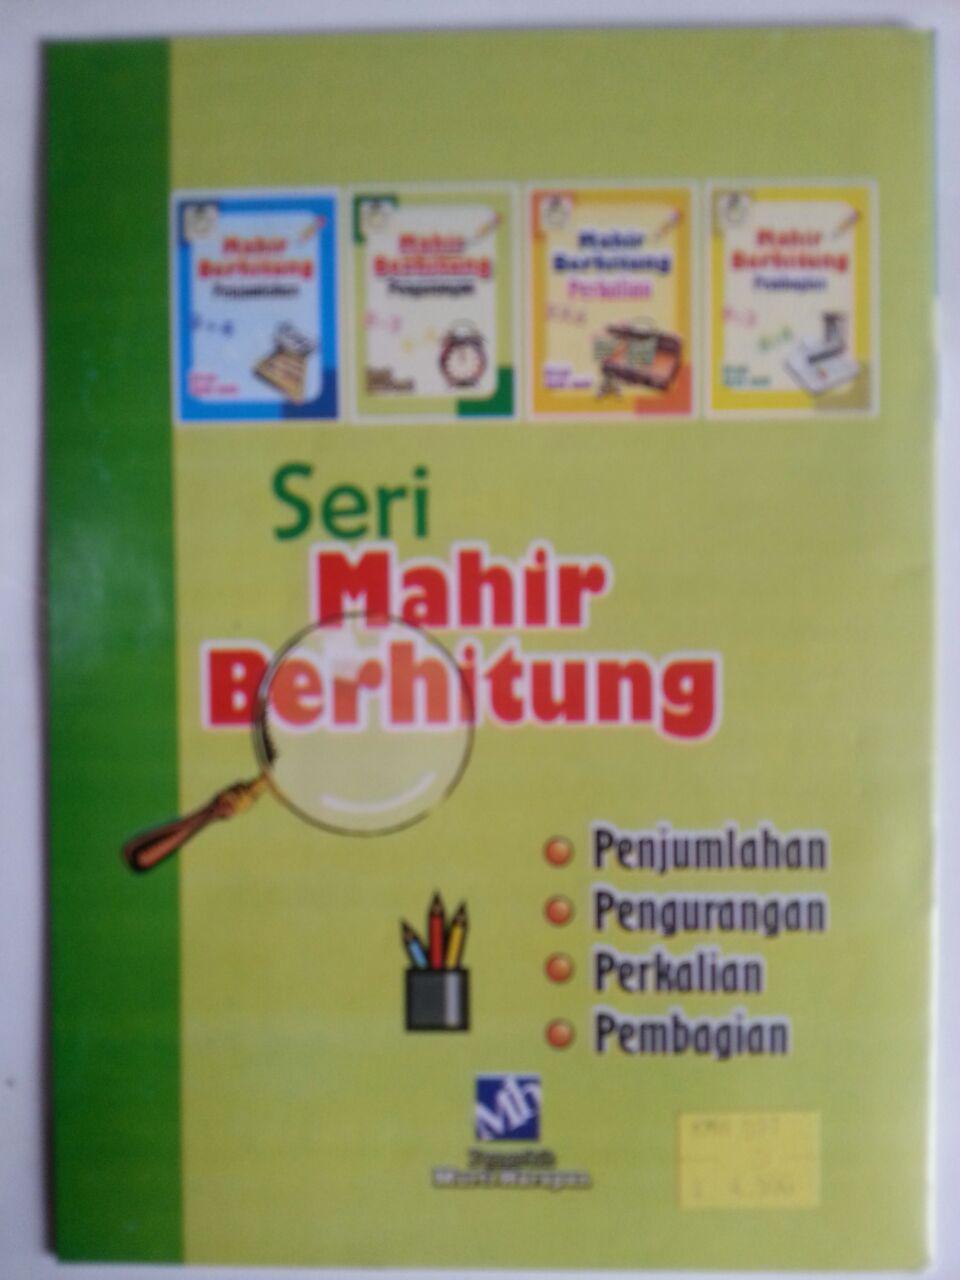 Buku Mahir Berhitung Pengurangan Untuk Anak-Anak cover